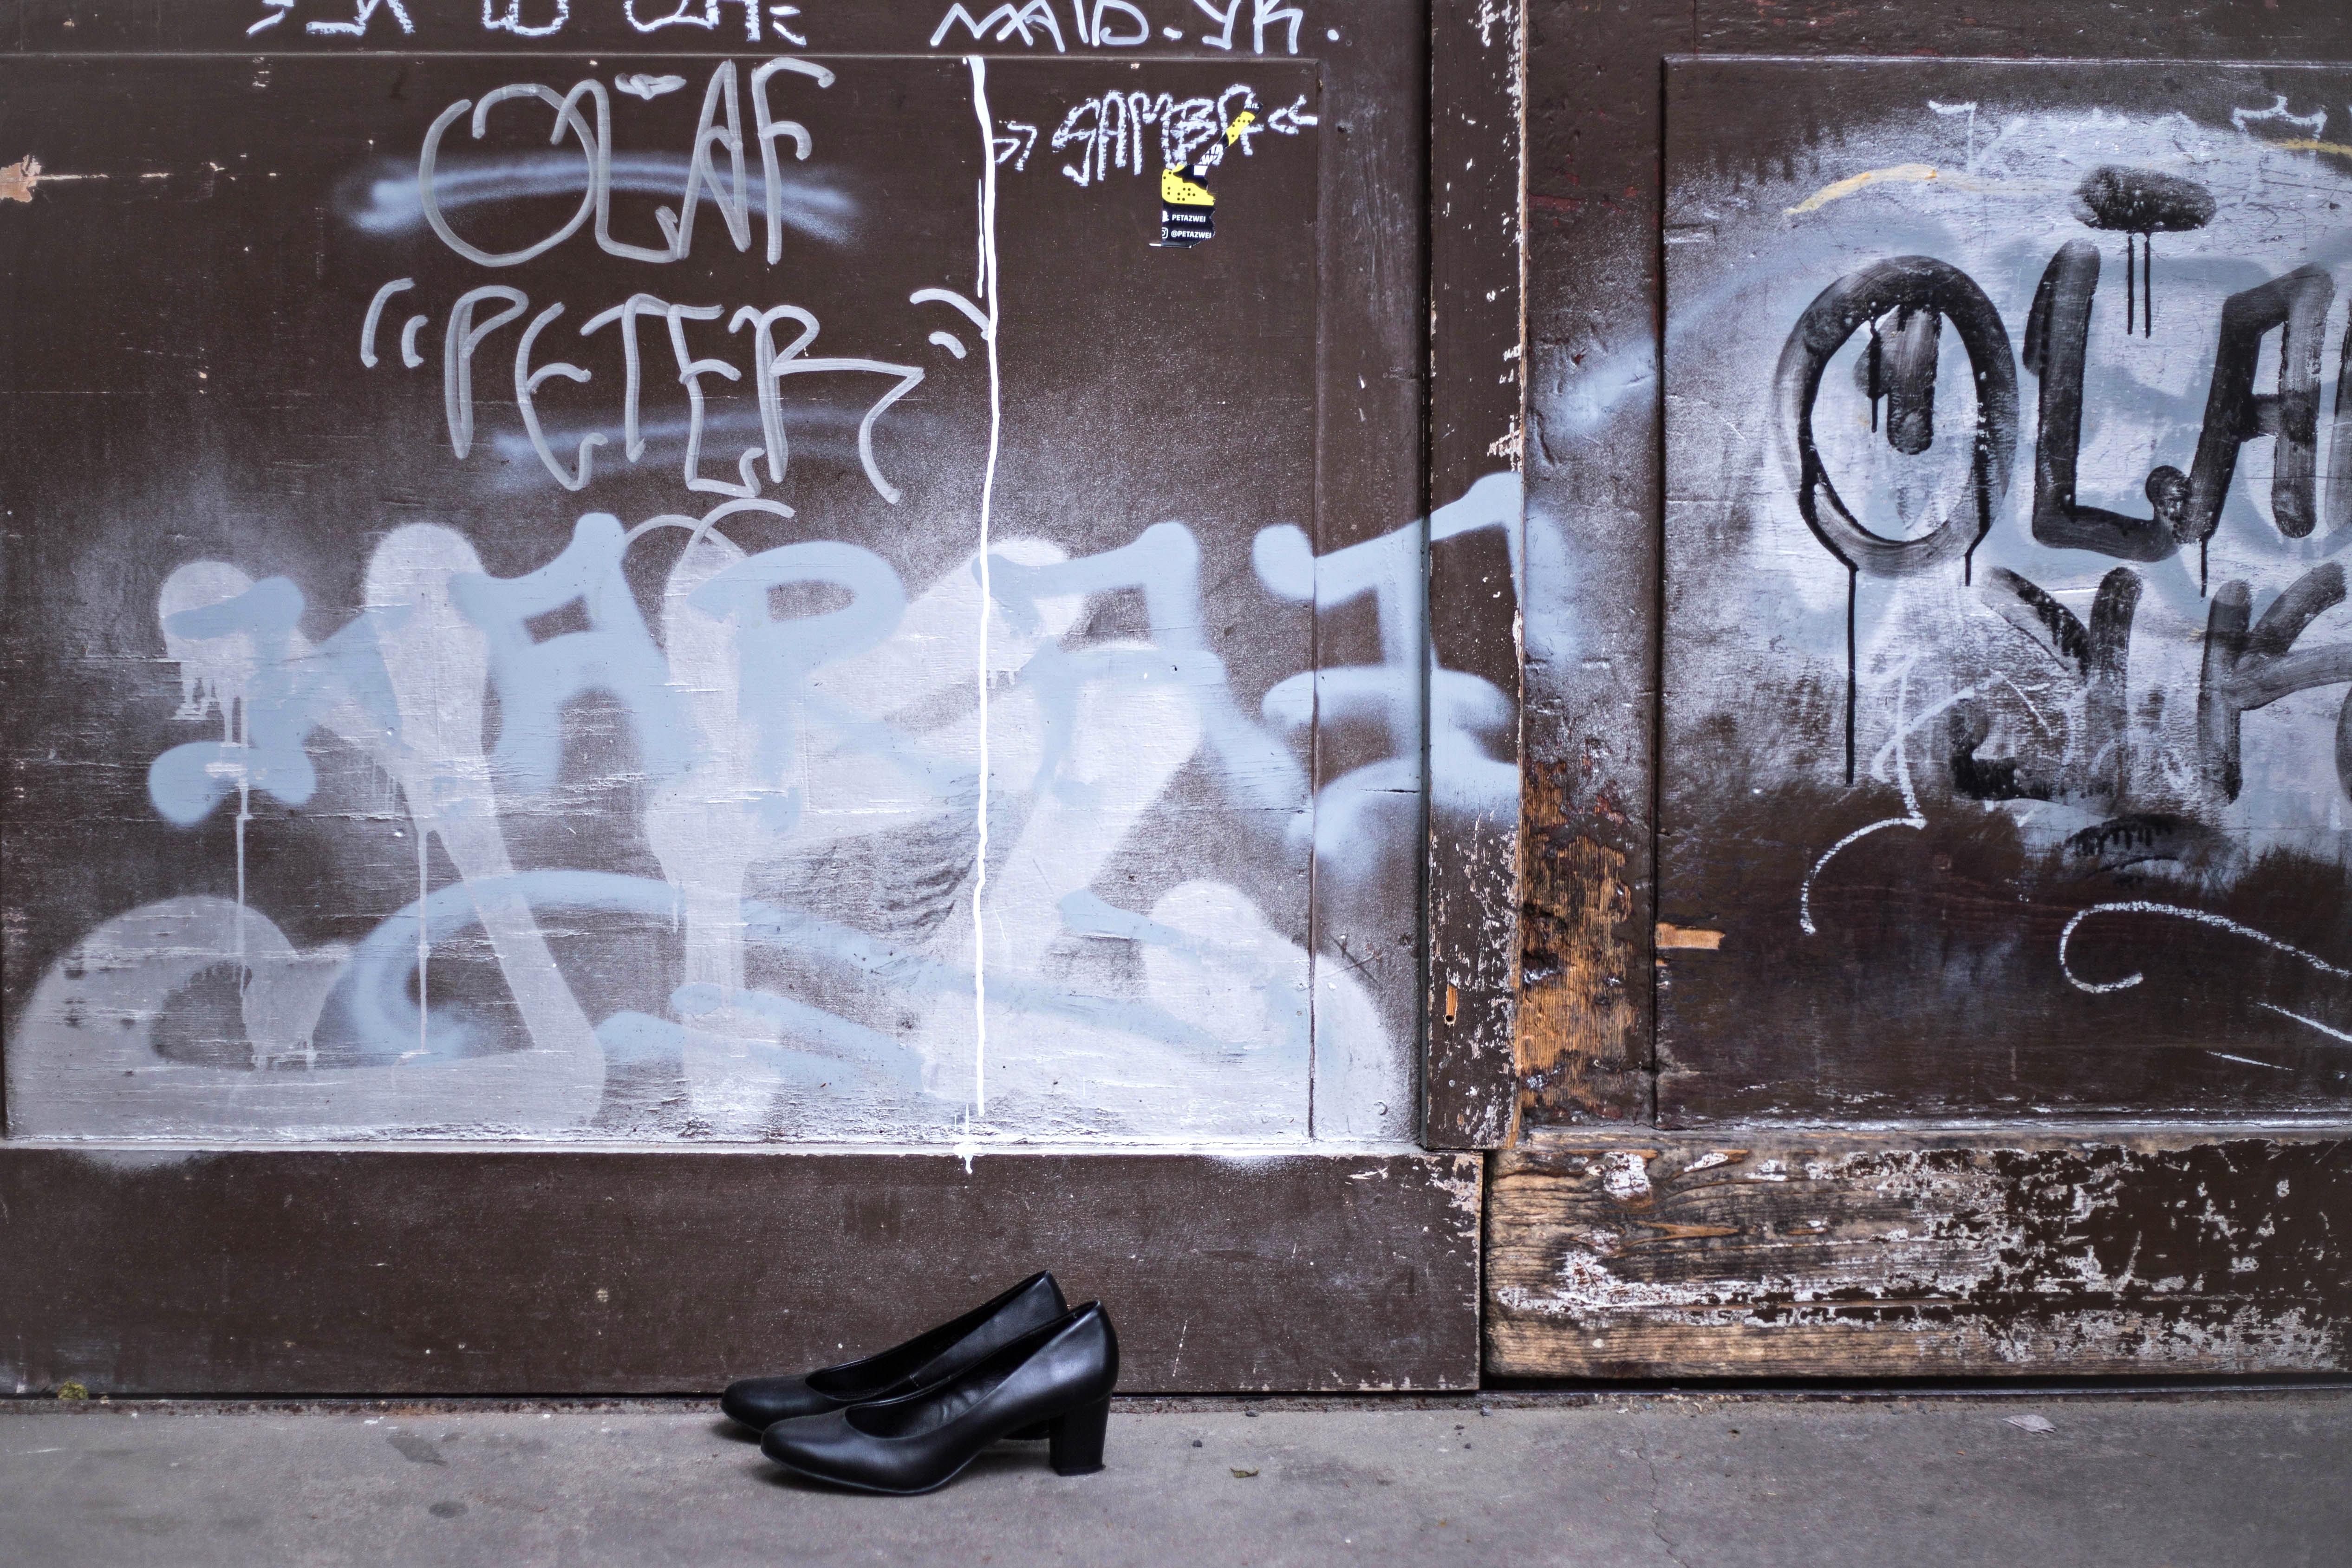 Olaf Peter und Schuhe